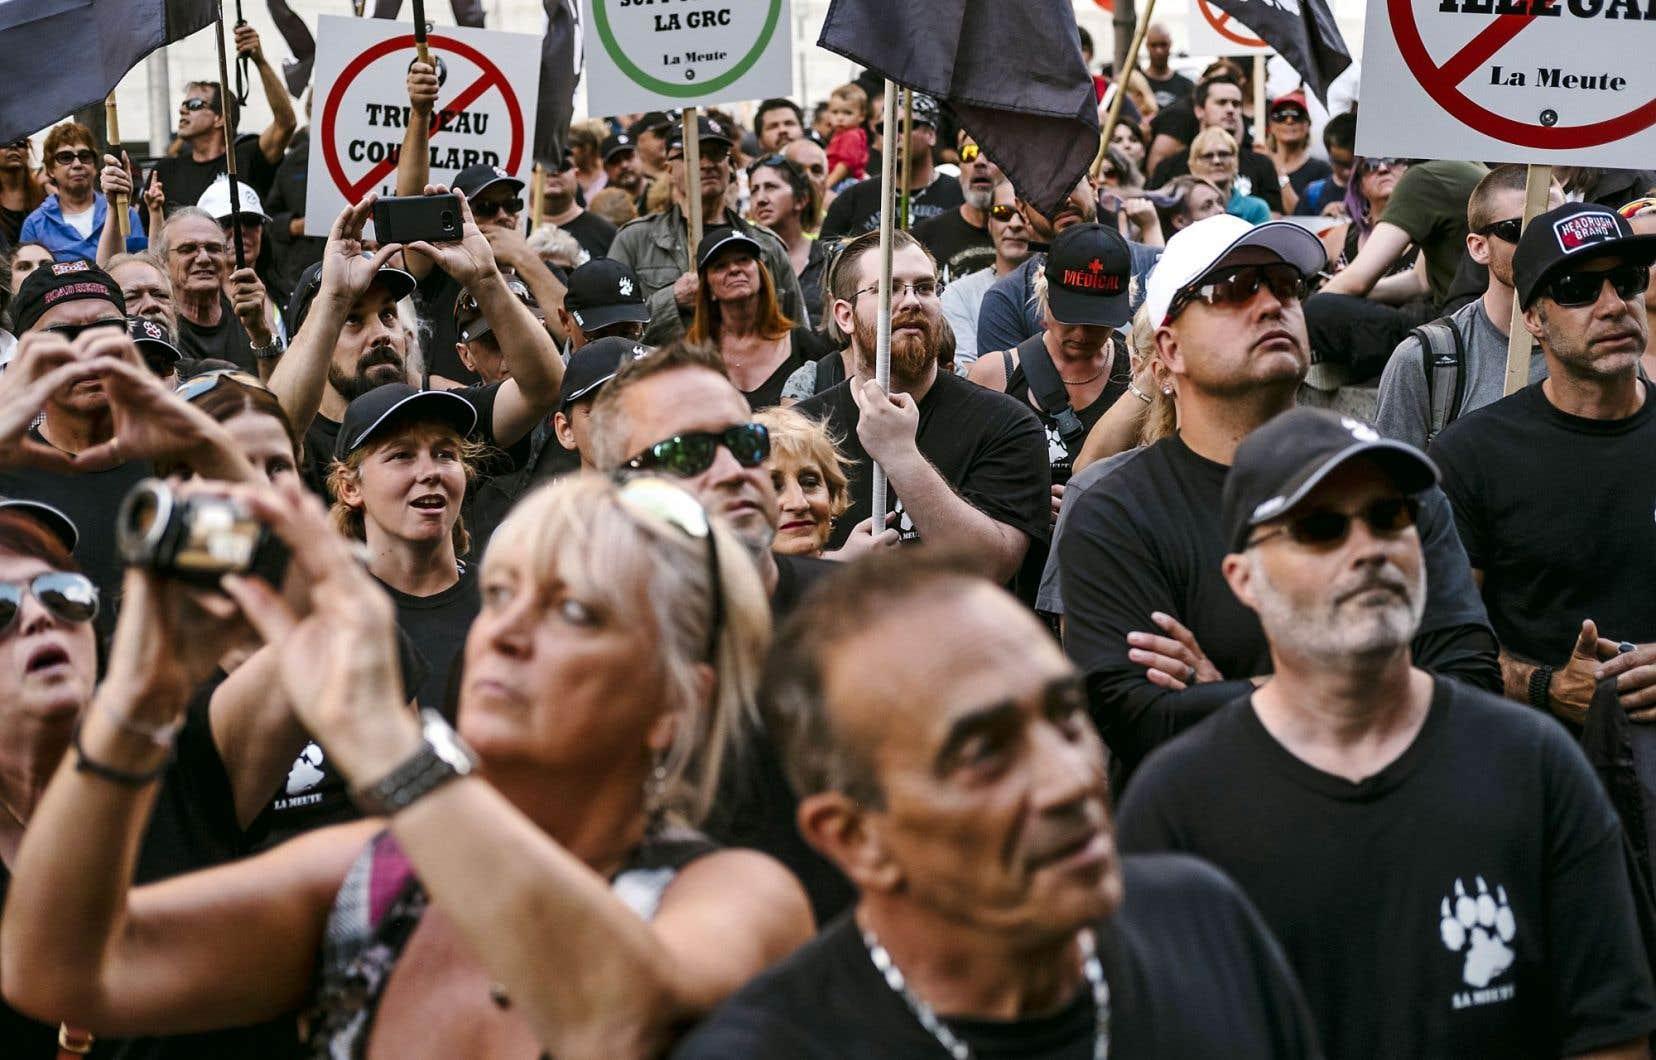 À Québec, les manifestations de La Meute ou de l'Antifa comptaient bien quelques militantes, mais en minorité.